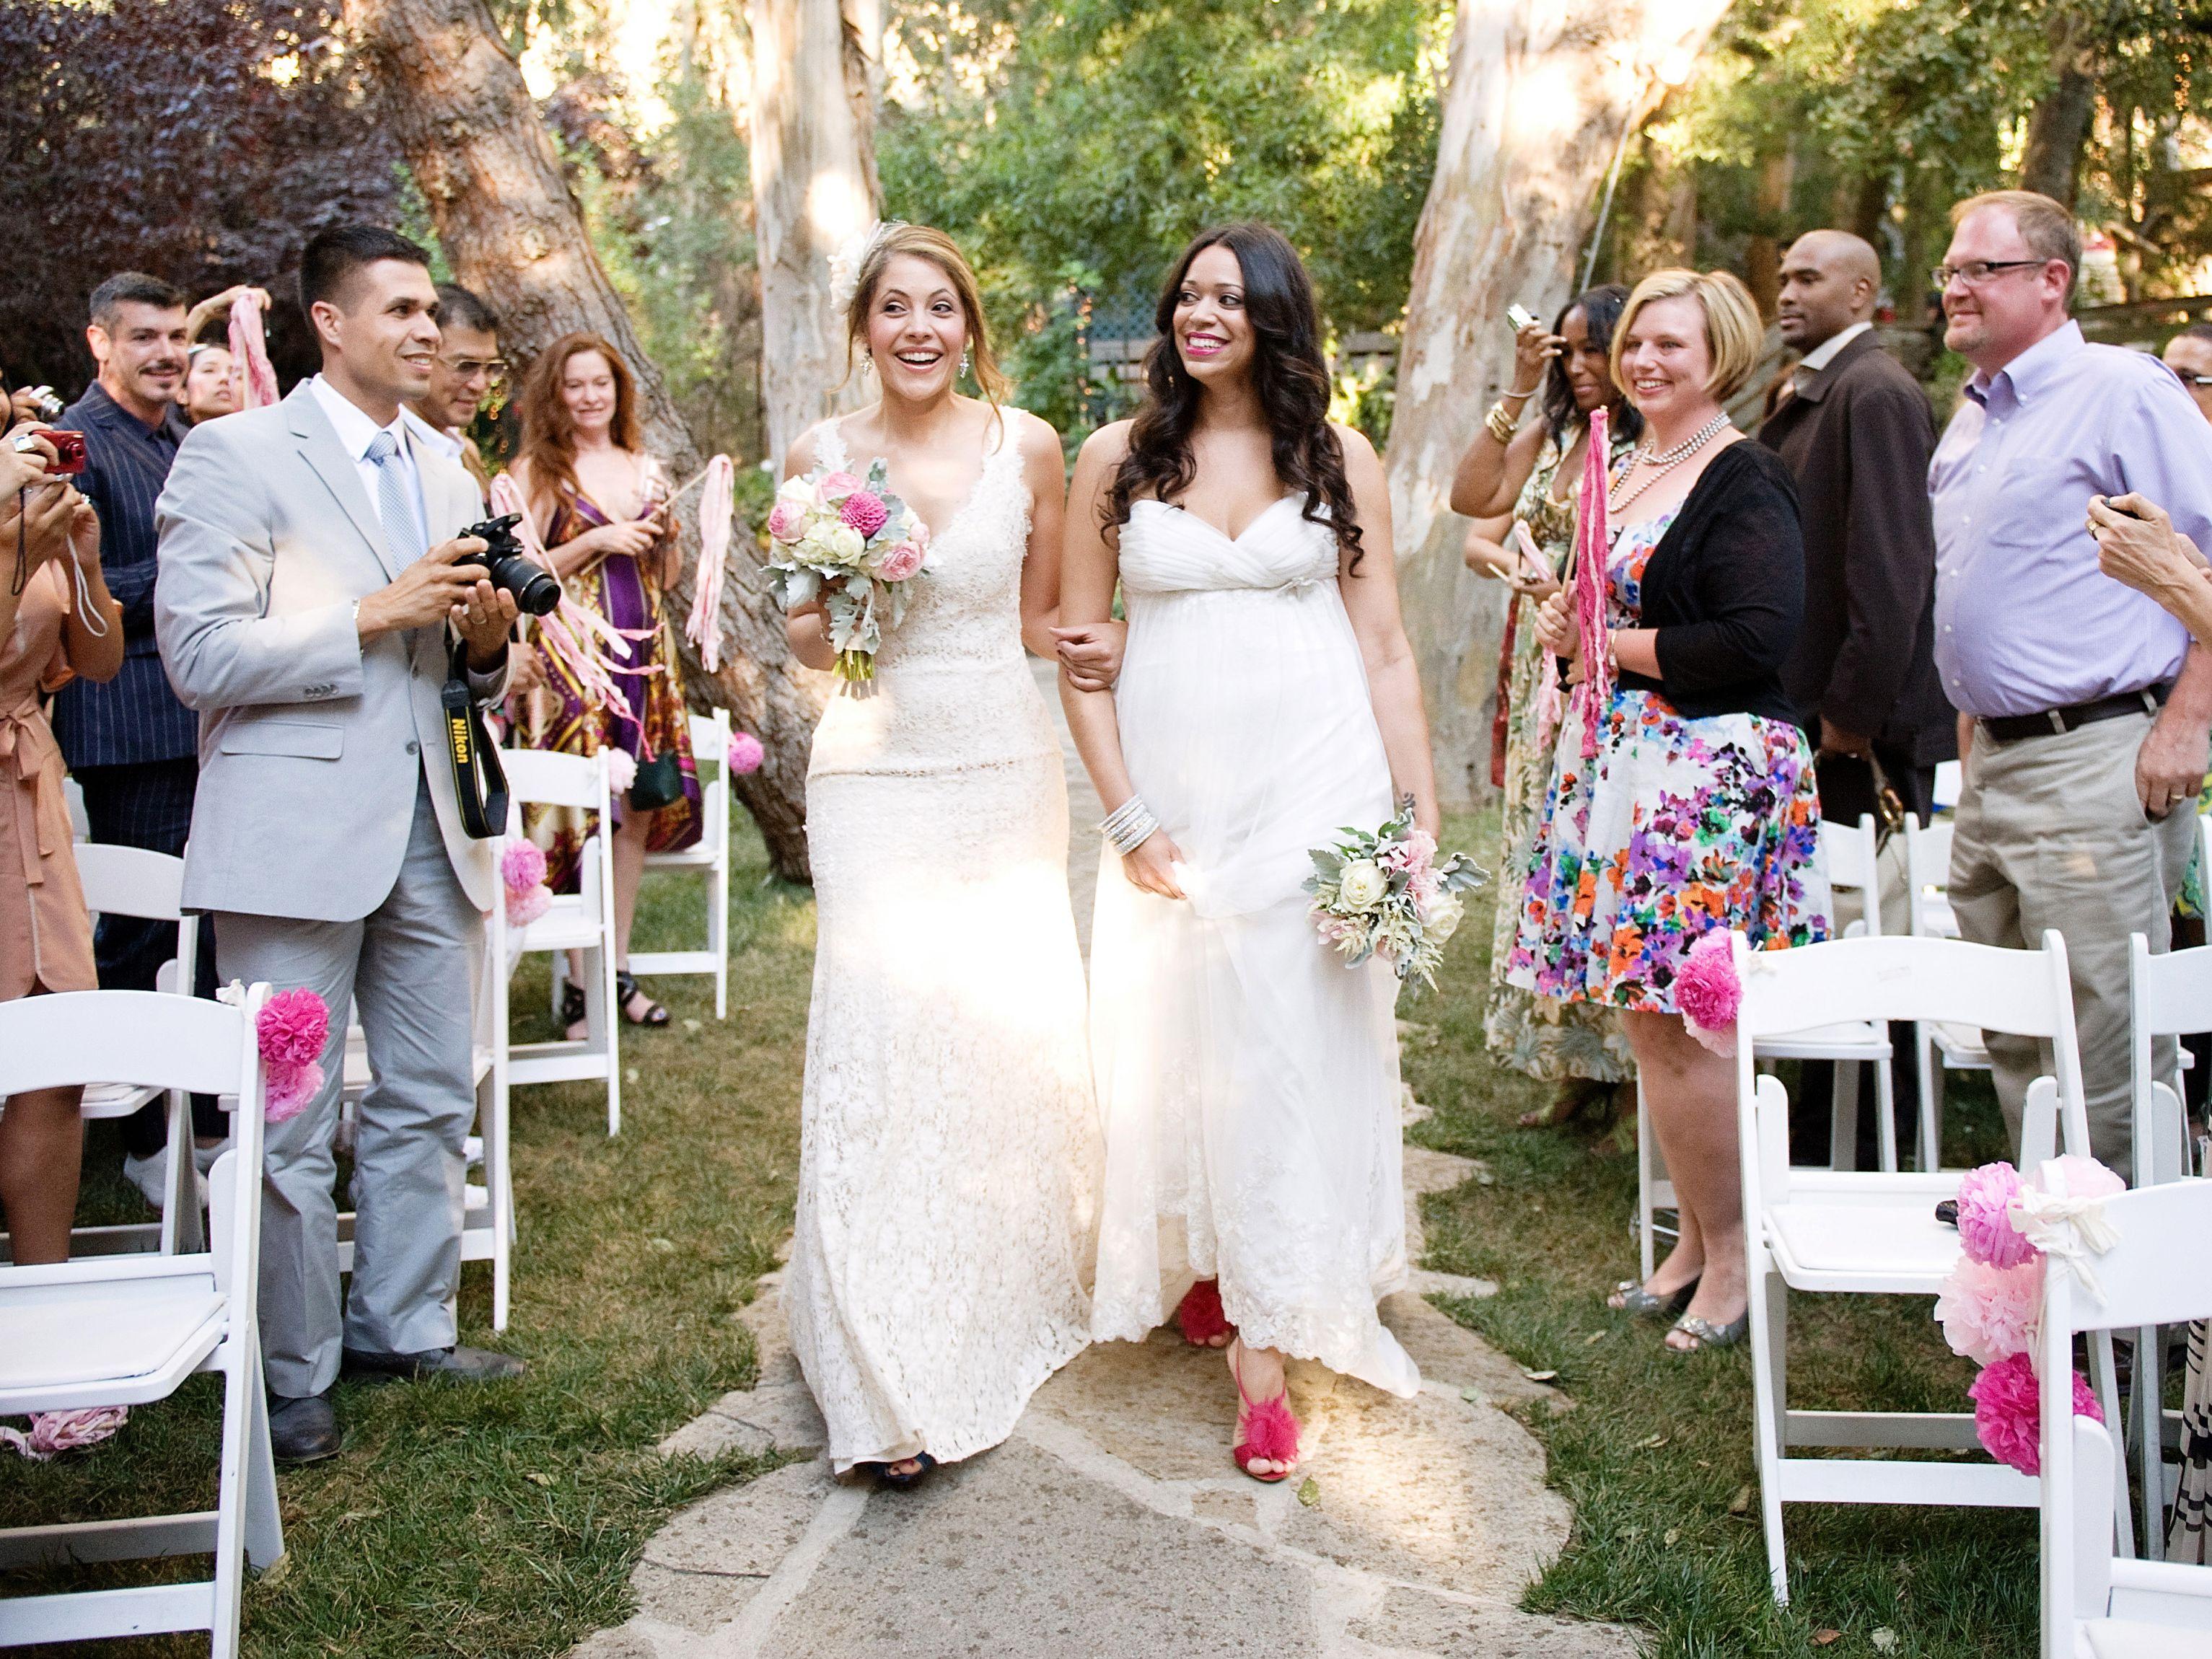 Lgbt Wedding Photography: LGBTQ+ Wedding Etiquette Q&A